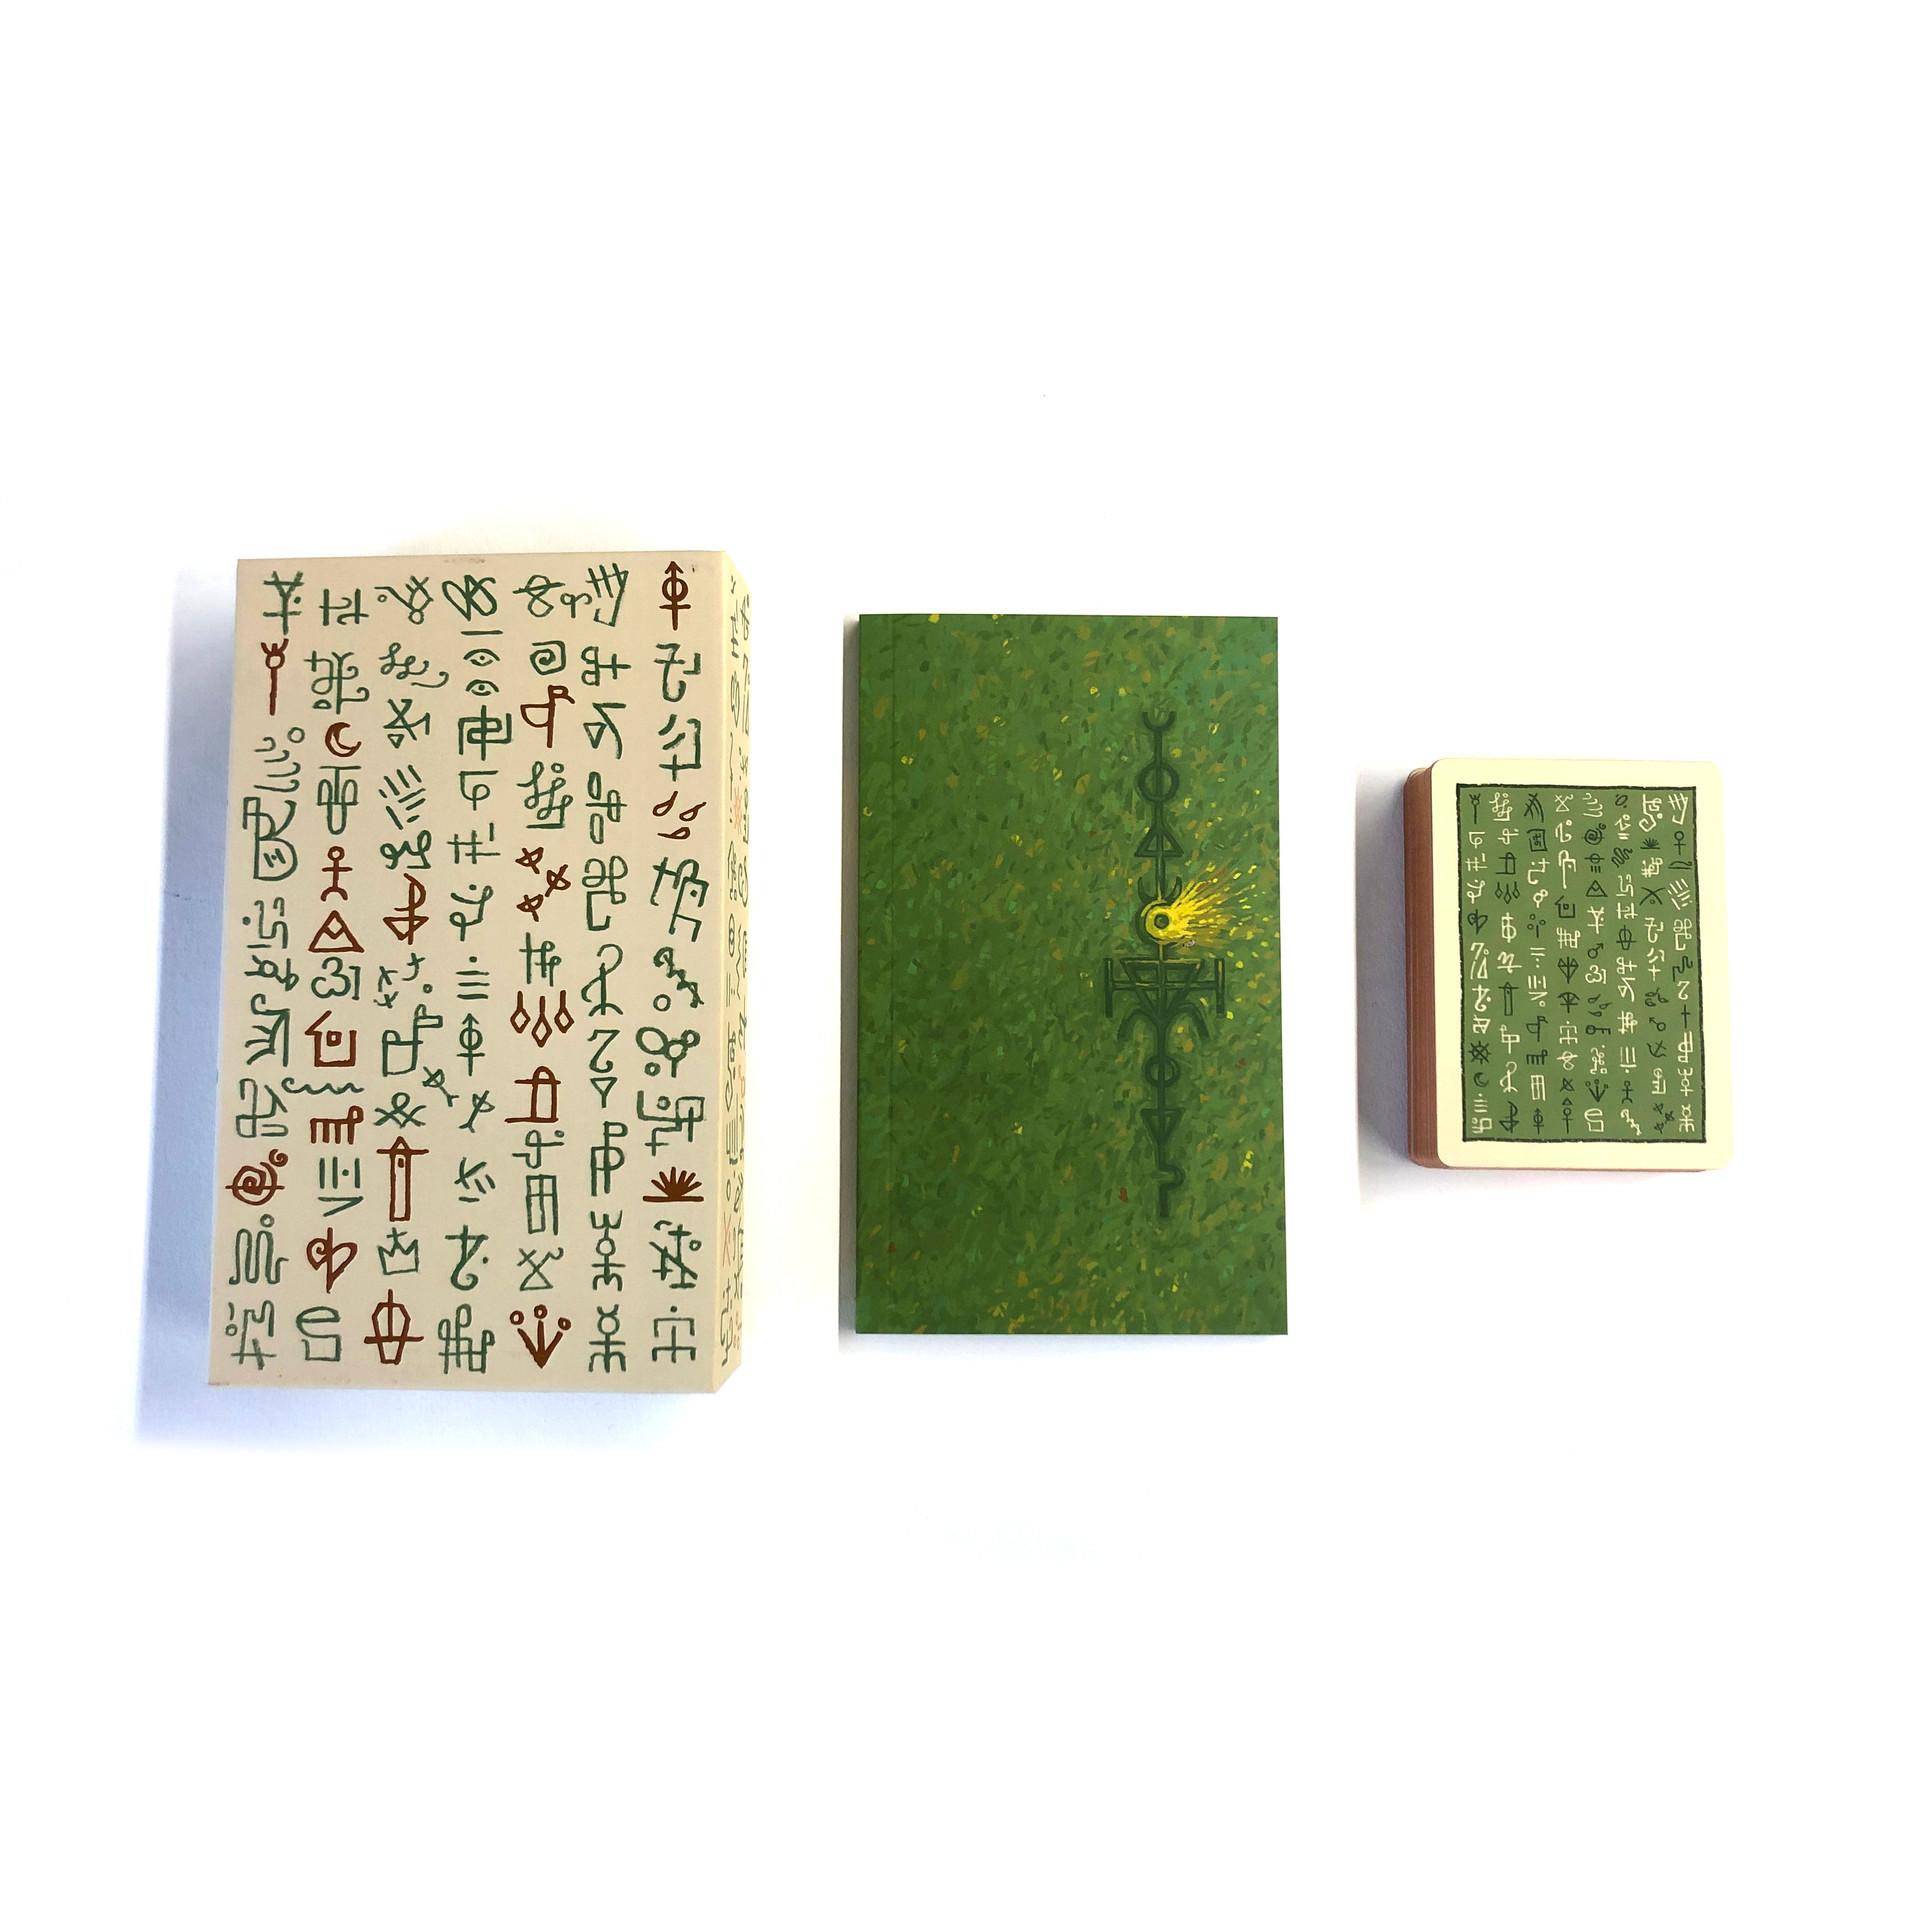 cardsboxguide.jpg